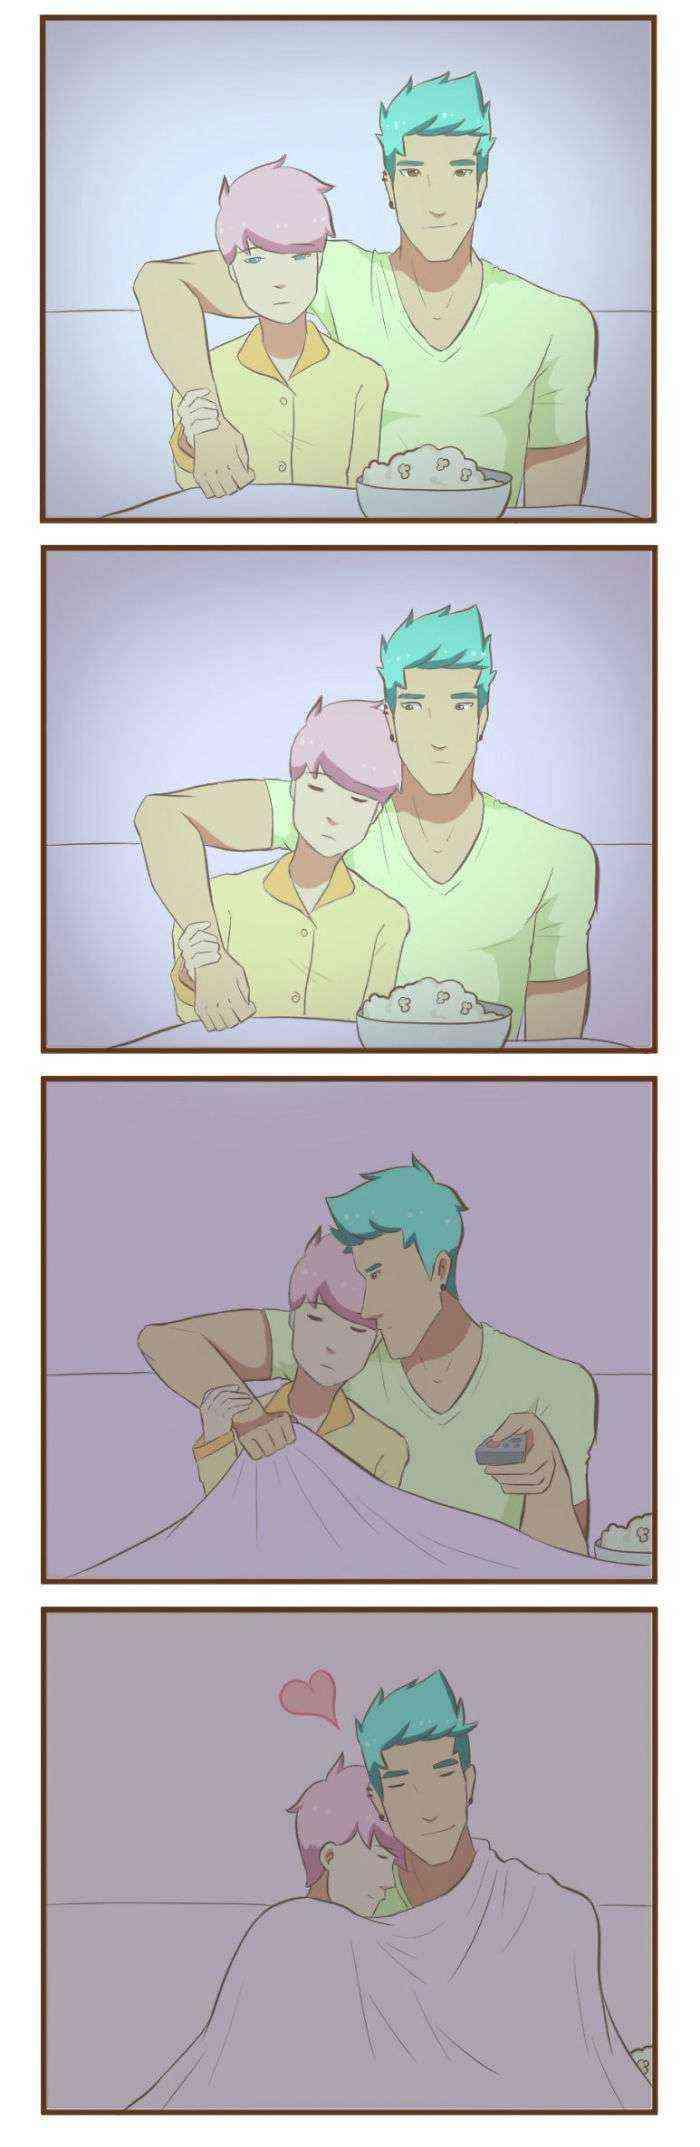 1522241346 234 20 adorables comics sobre la vida diaria de una pareja gay - 20 Adorables cómics sobre la vida diaria de una pareja gay